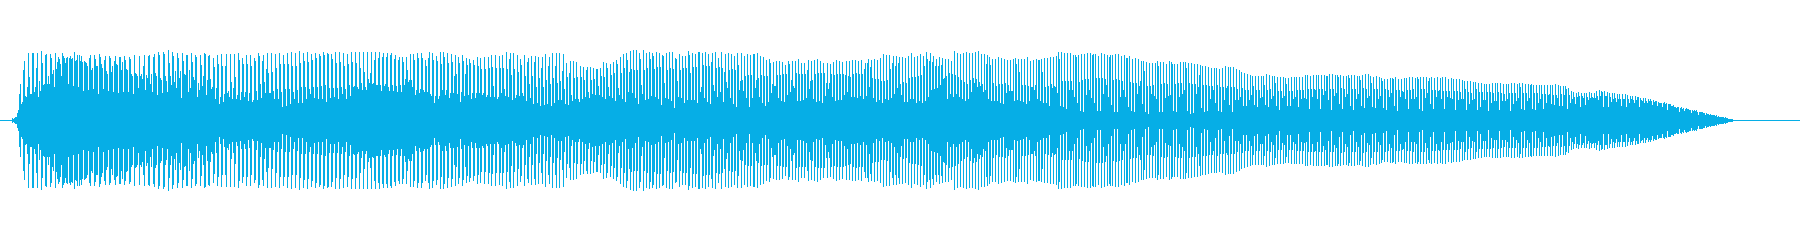 おなら1の再生済みの波形